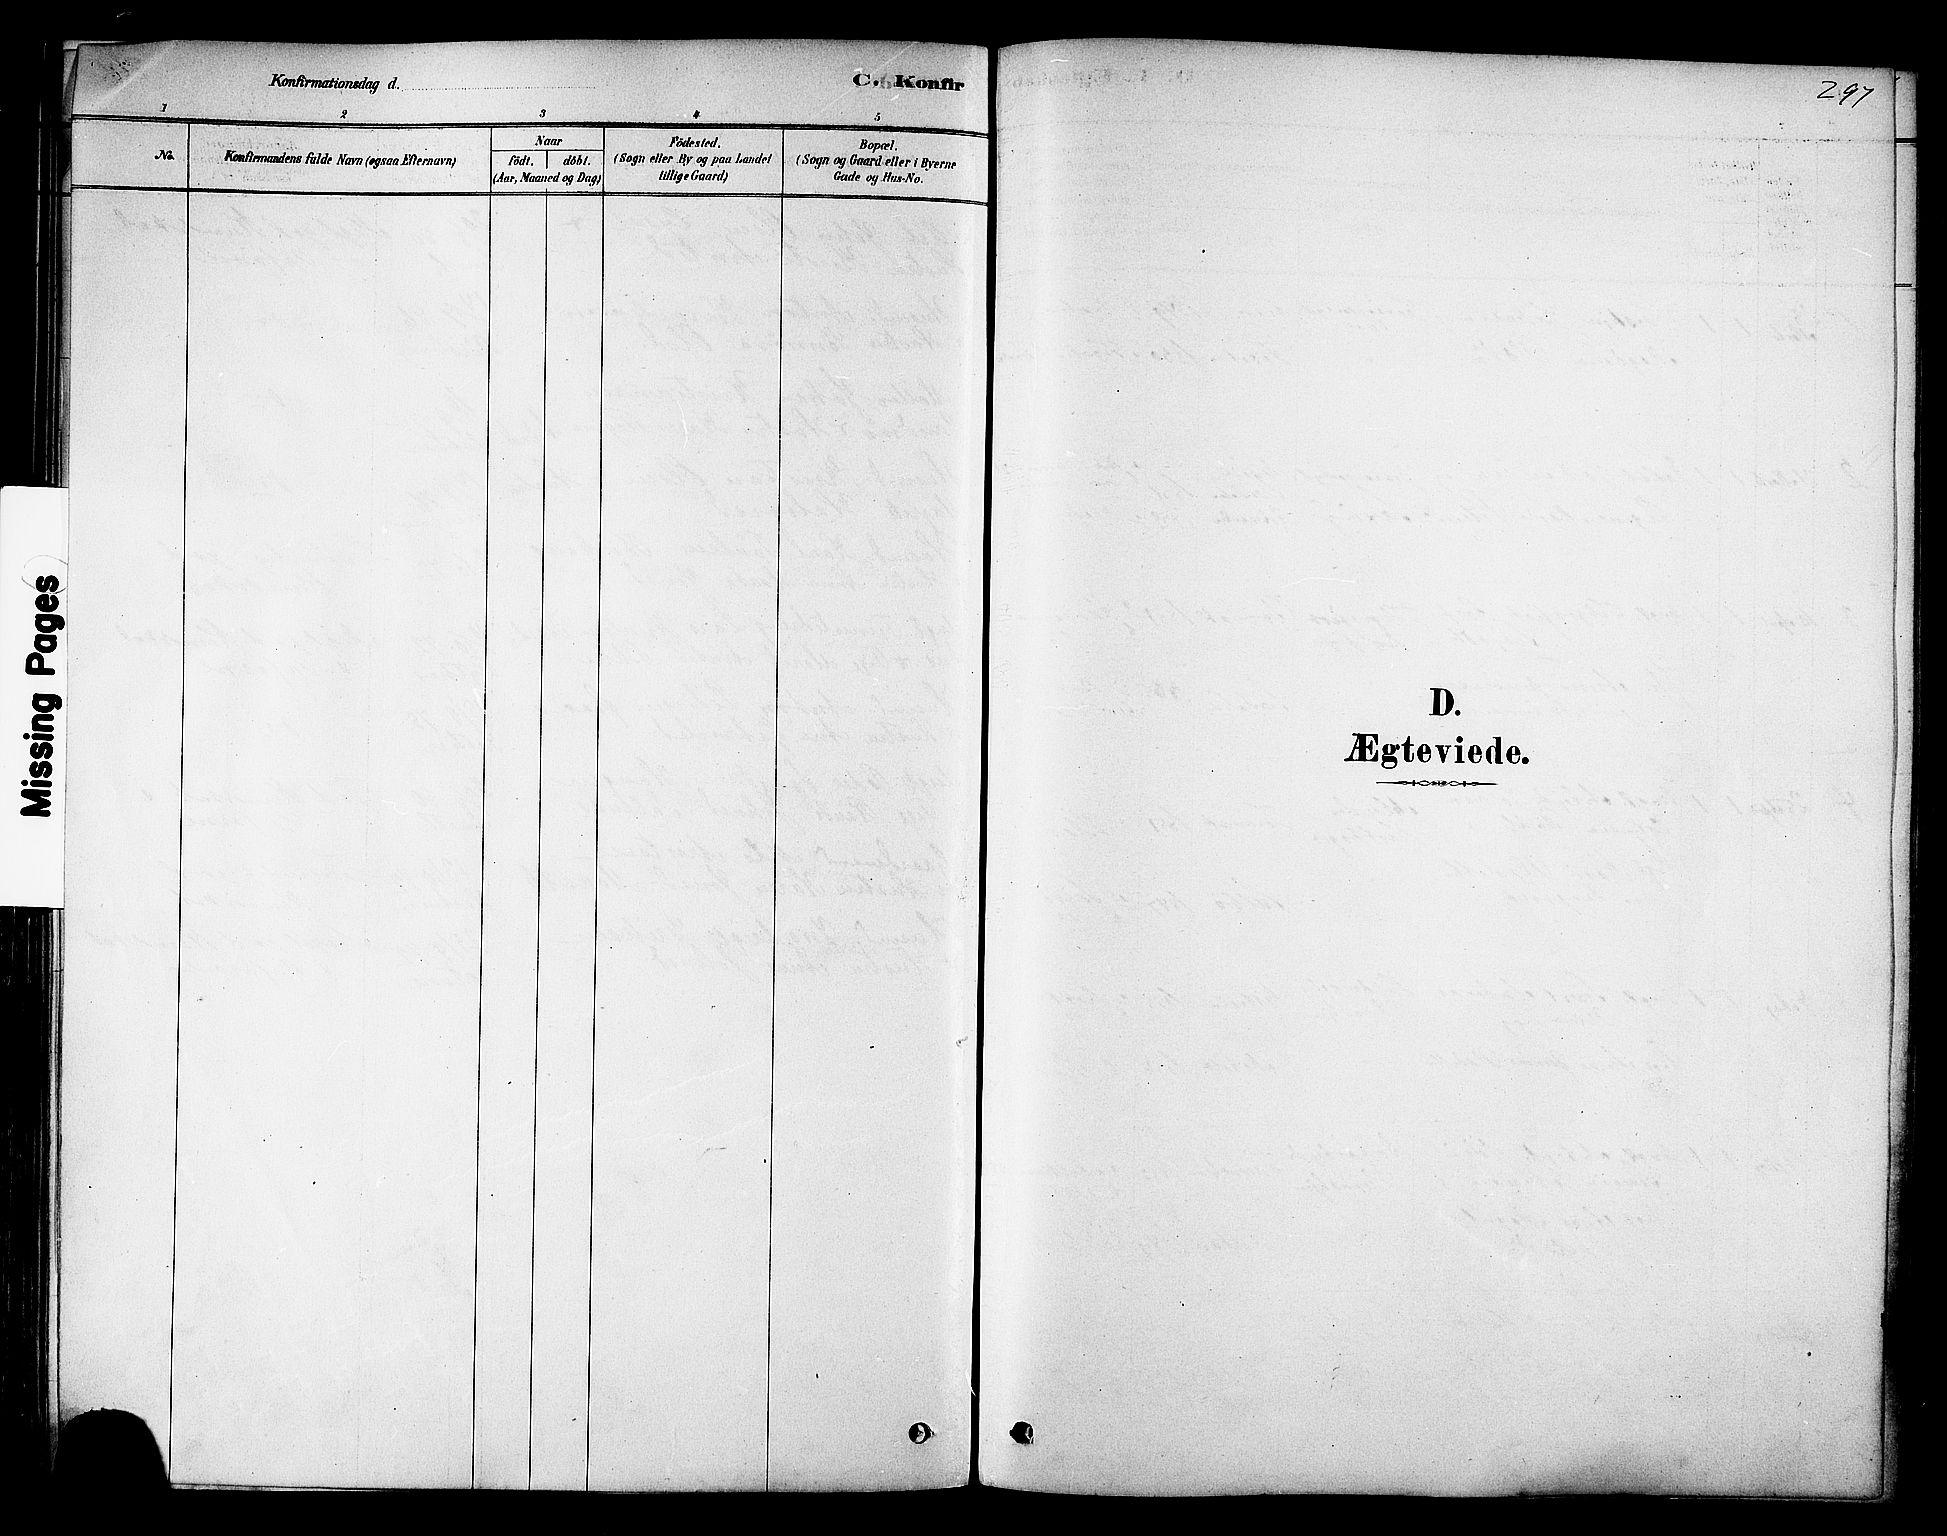 SAT, Ministerialprotokoller, klokkerbøker og fødselsregistre - Sør-Trøndelag, 606/L0294: Ministerialbok nr. 606A09, 1878-1886, s. 297